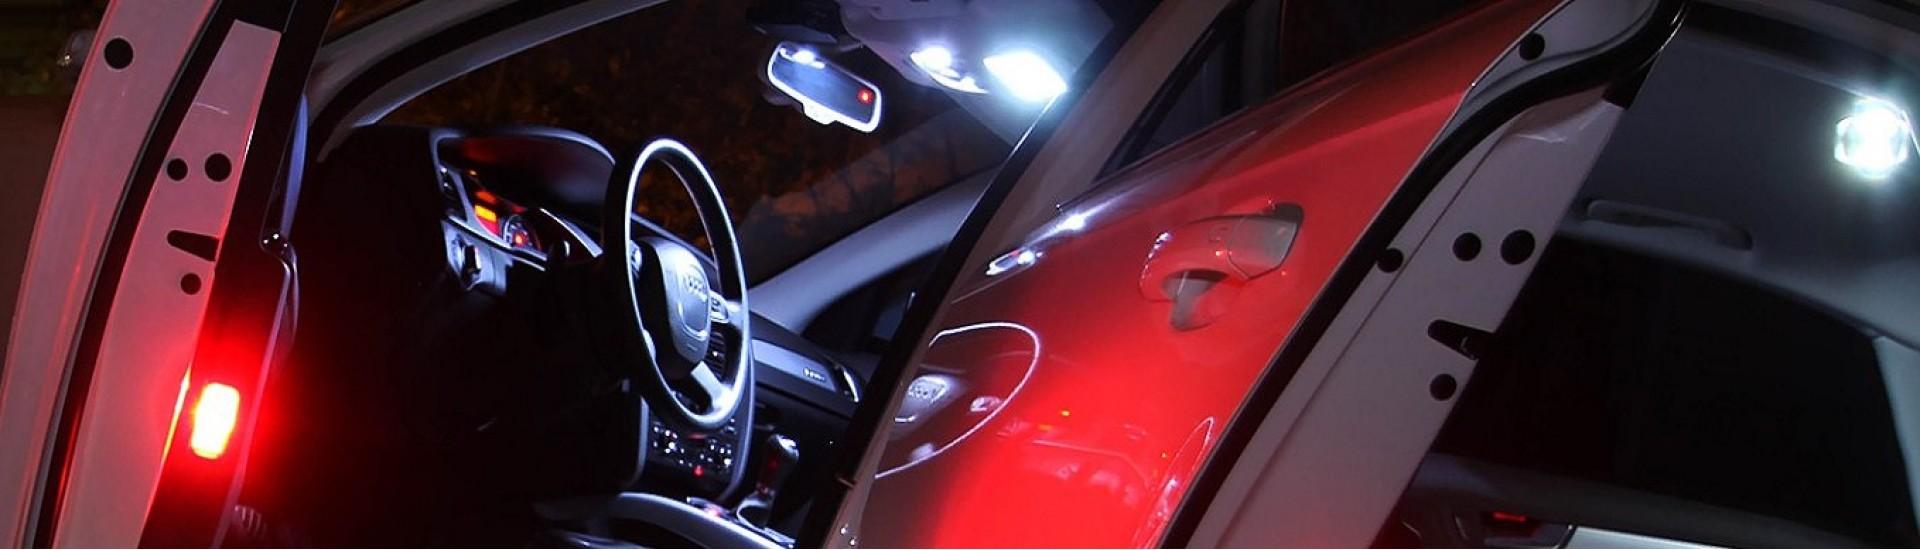 چراغ های داخلی ، قیمت چراغ های داخلی ، interior lighting